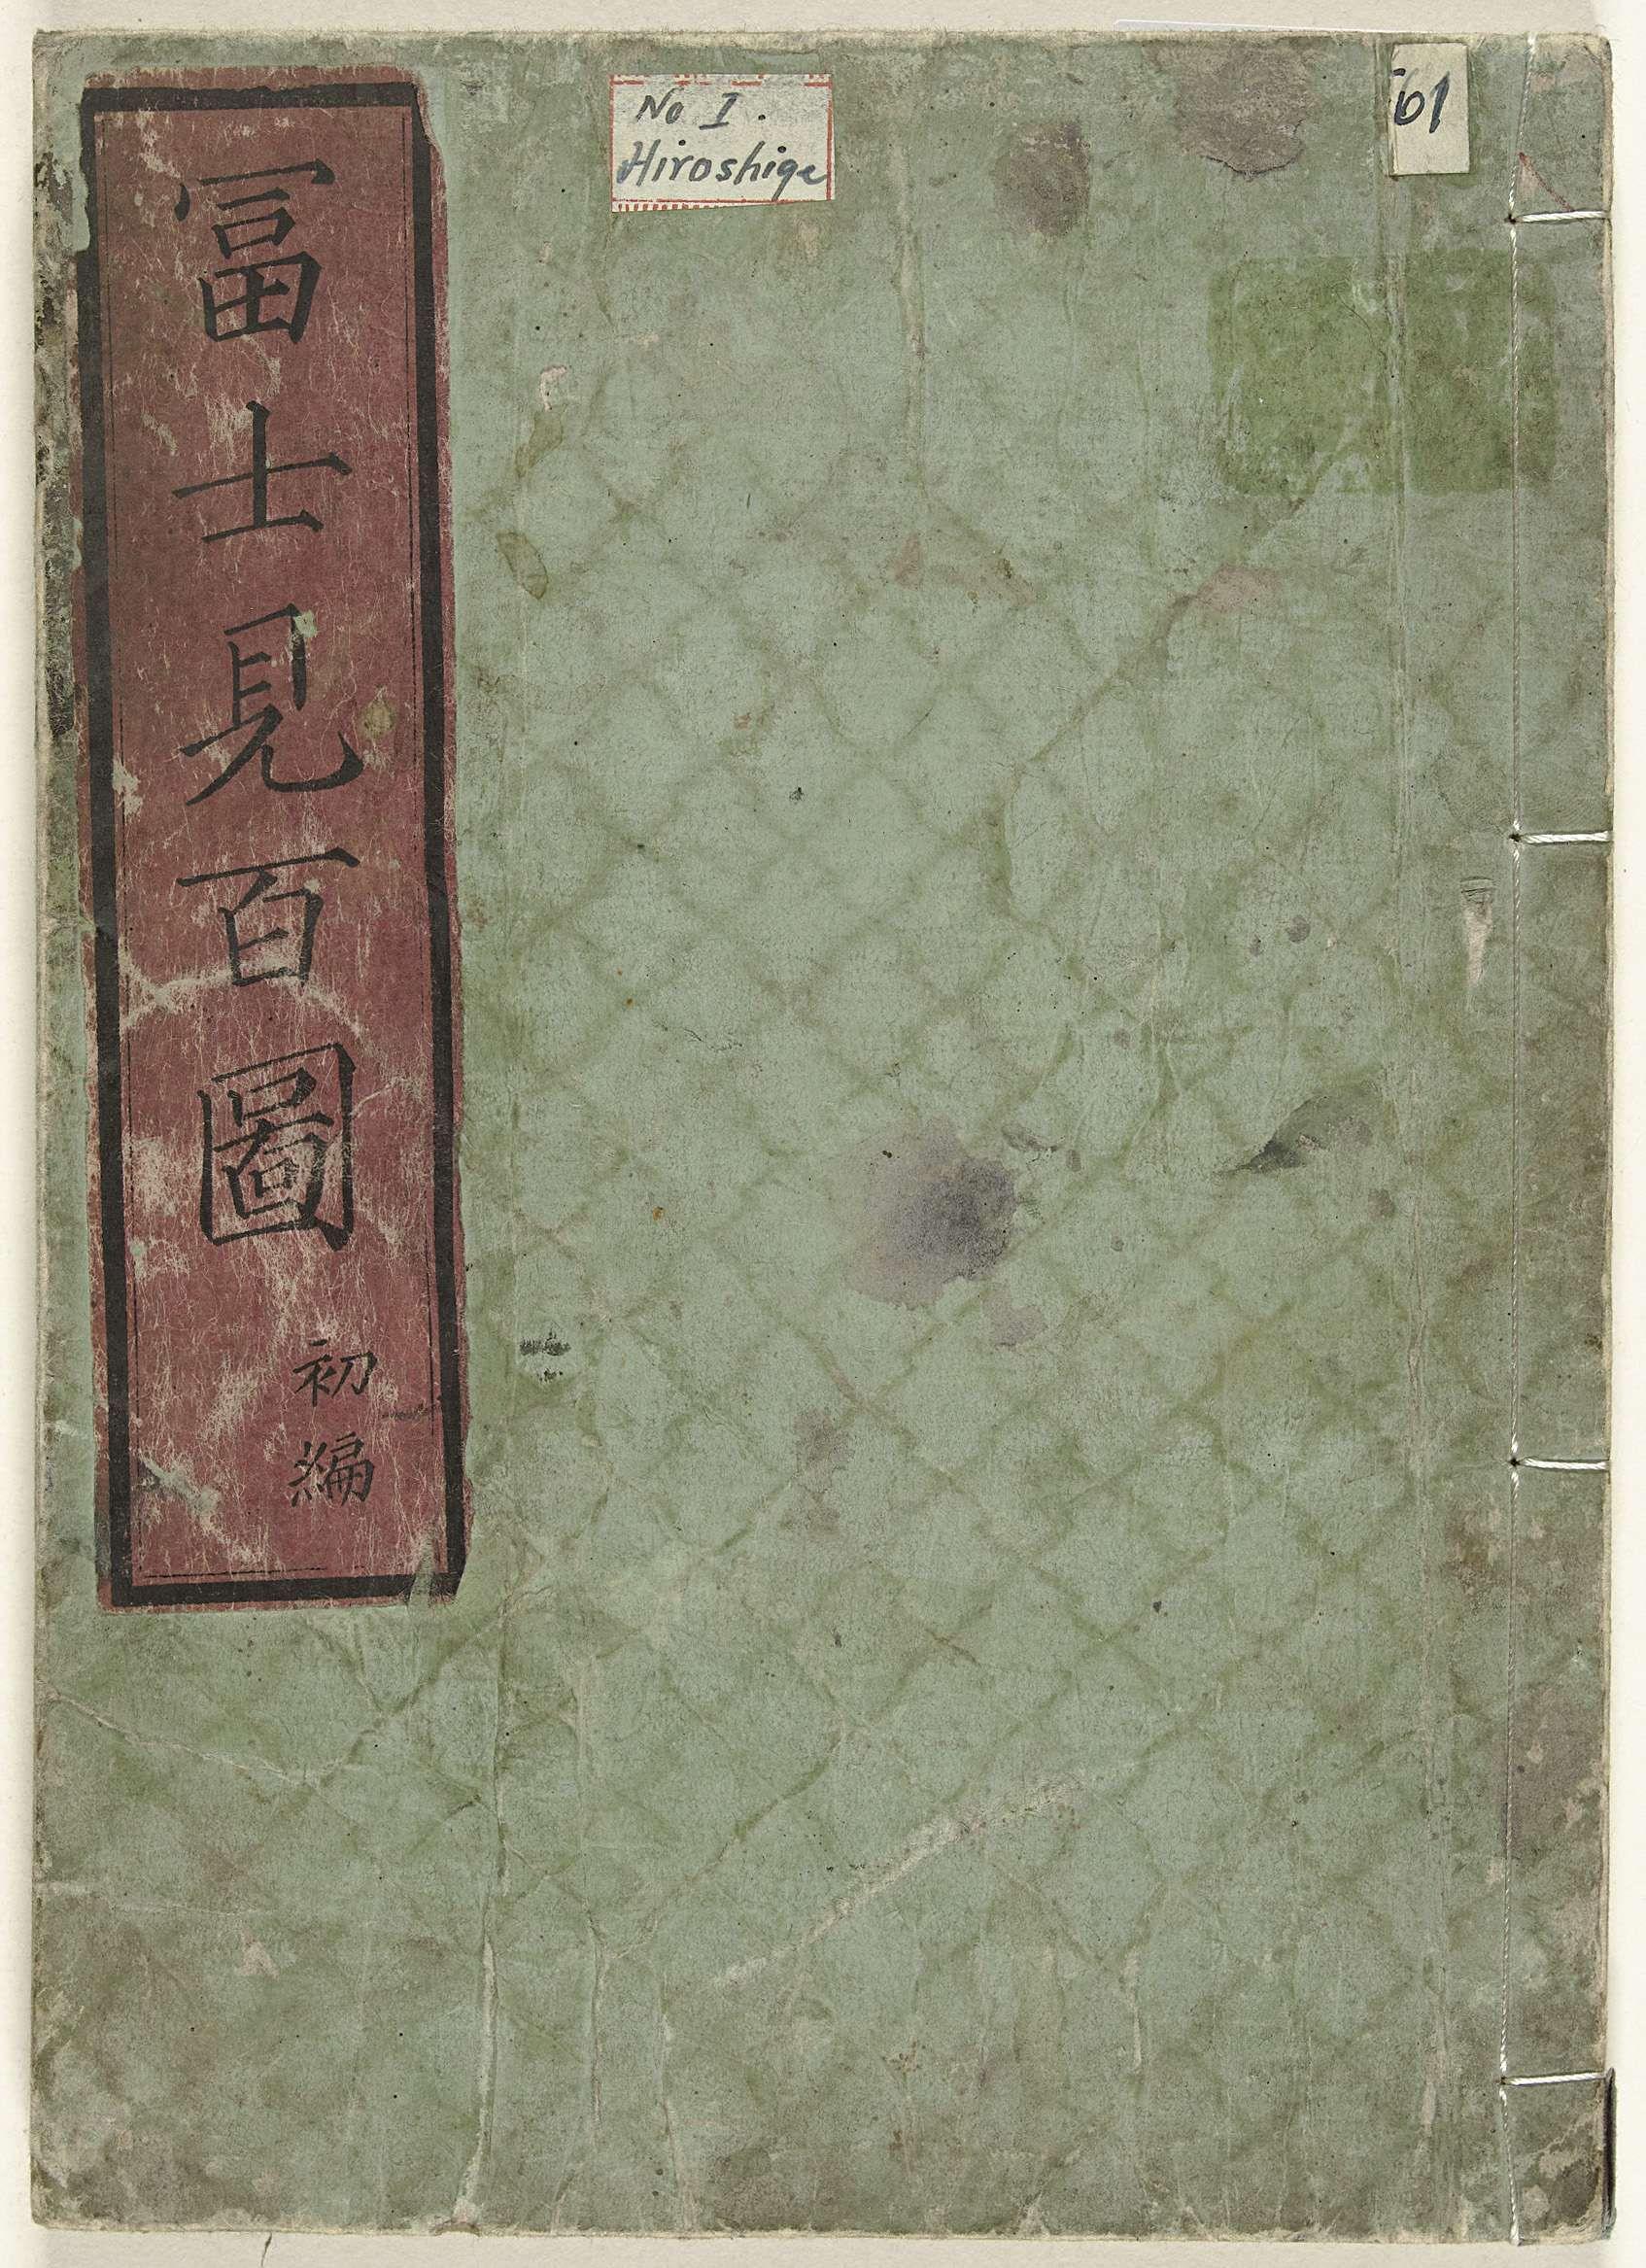 Hiroshige (I) , Utagawa   Honderd gezichten op de berg Fuji, Hiroshige (I) , Utagawa, 1859   Groene kaft met ruitpatroon in blinddruk; linksboven rood-zwarte titelstrook; 23 bladen, genummerd: twee bladen, voorwoord; één pagina, afbeelding van man met pop; 1-20, afbeeldingen van de berg Fuji; 21, signatuur van Hiroshige.